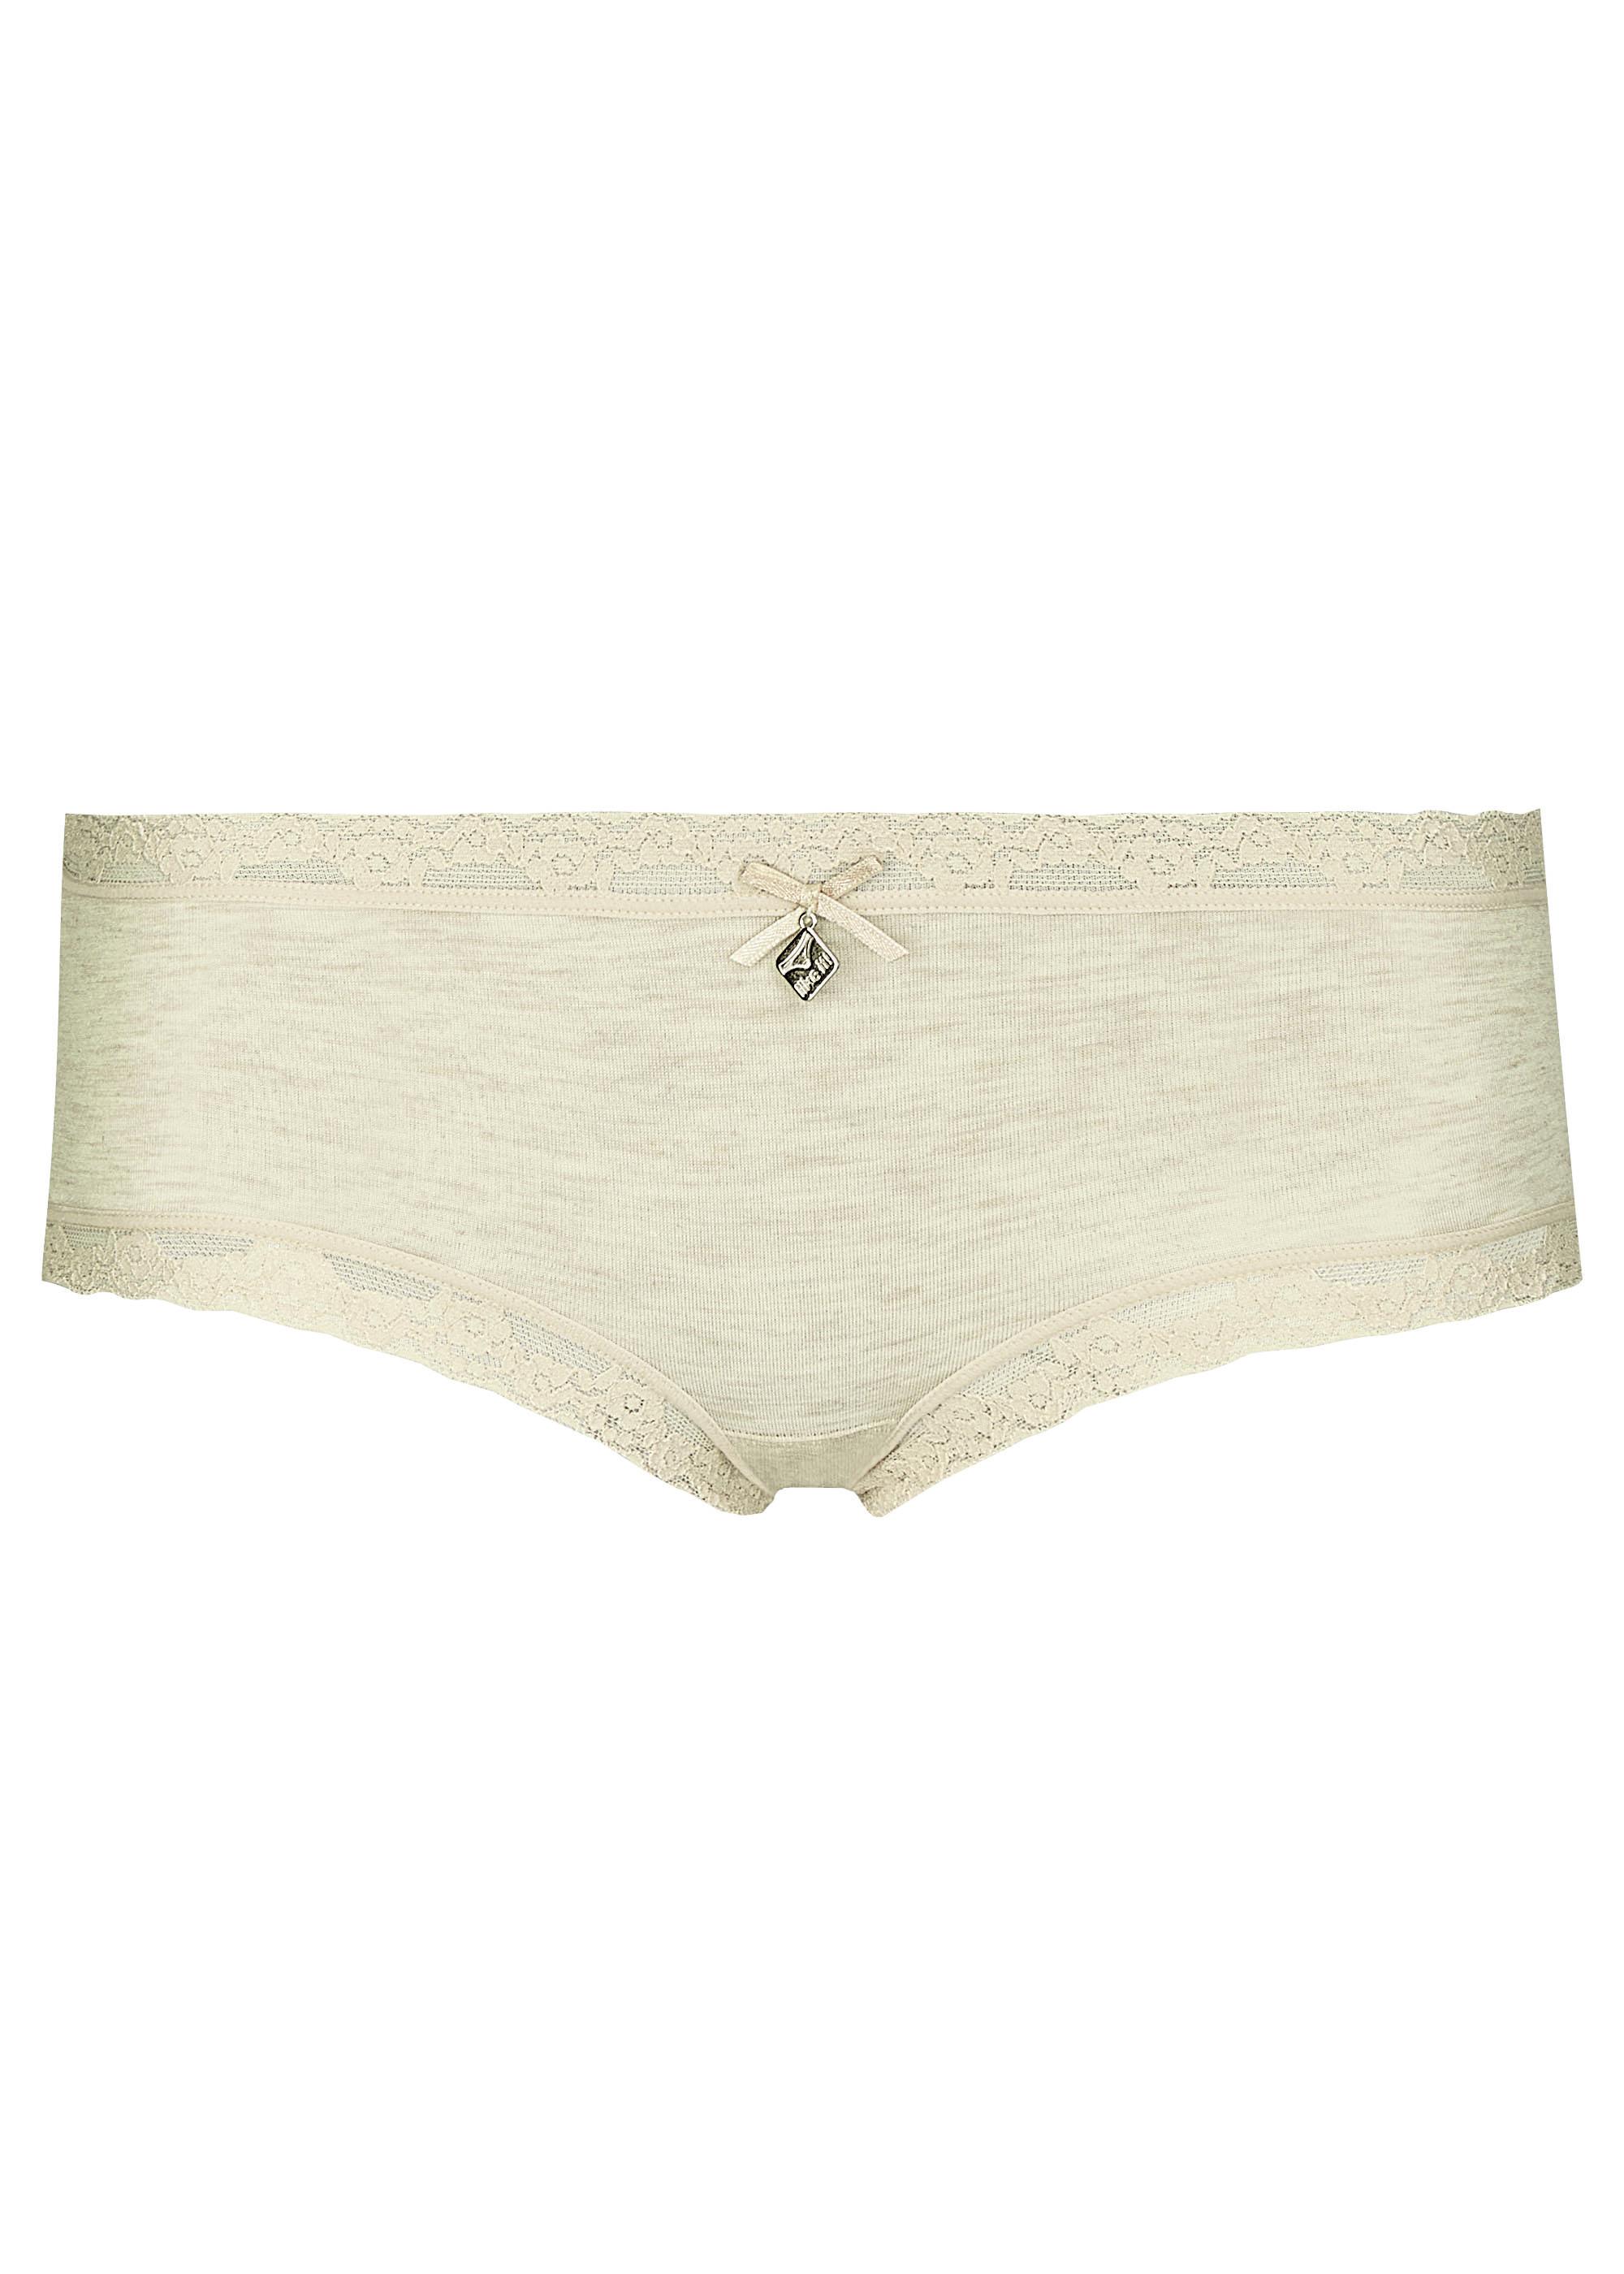 Panty Serie Kim